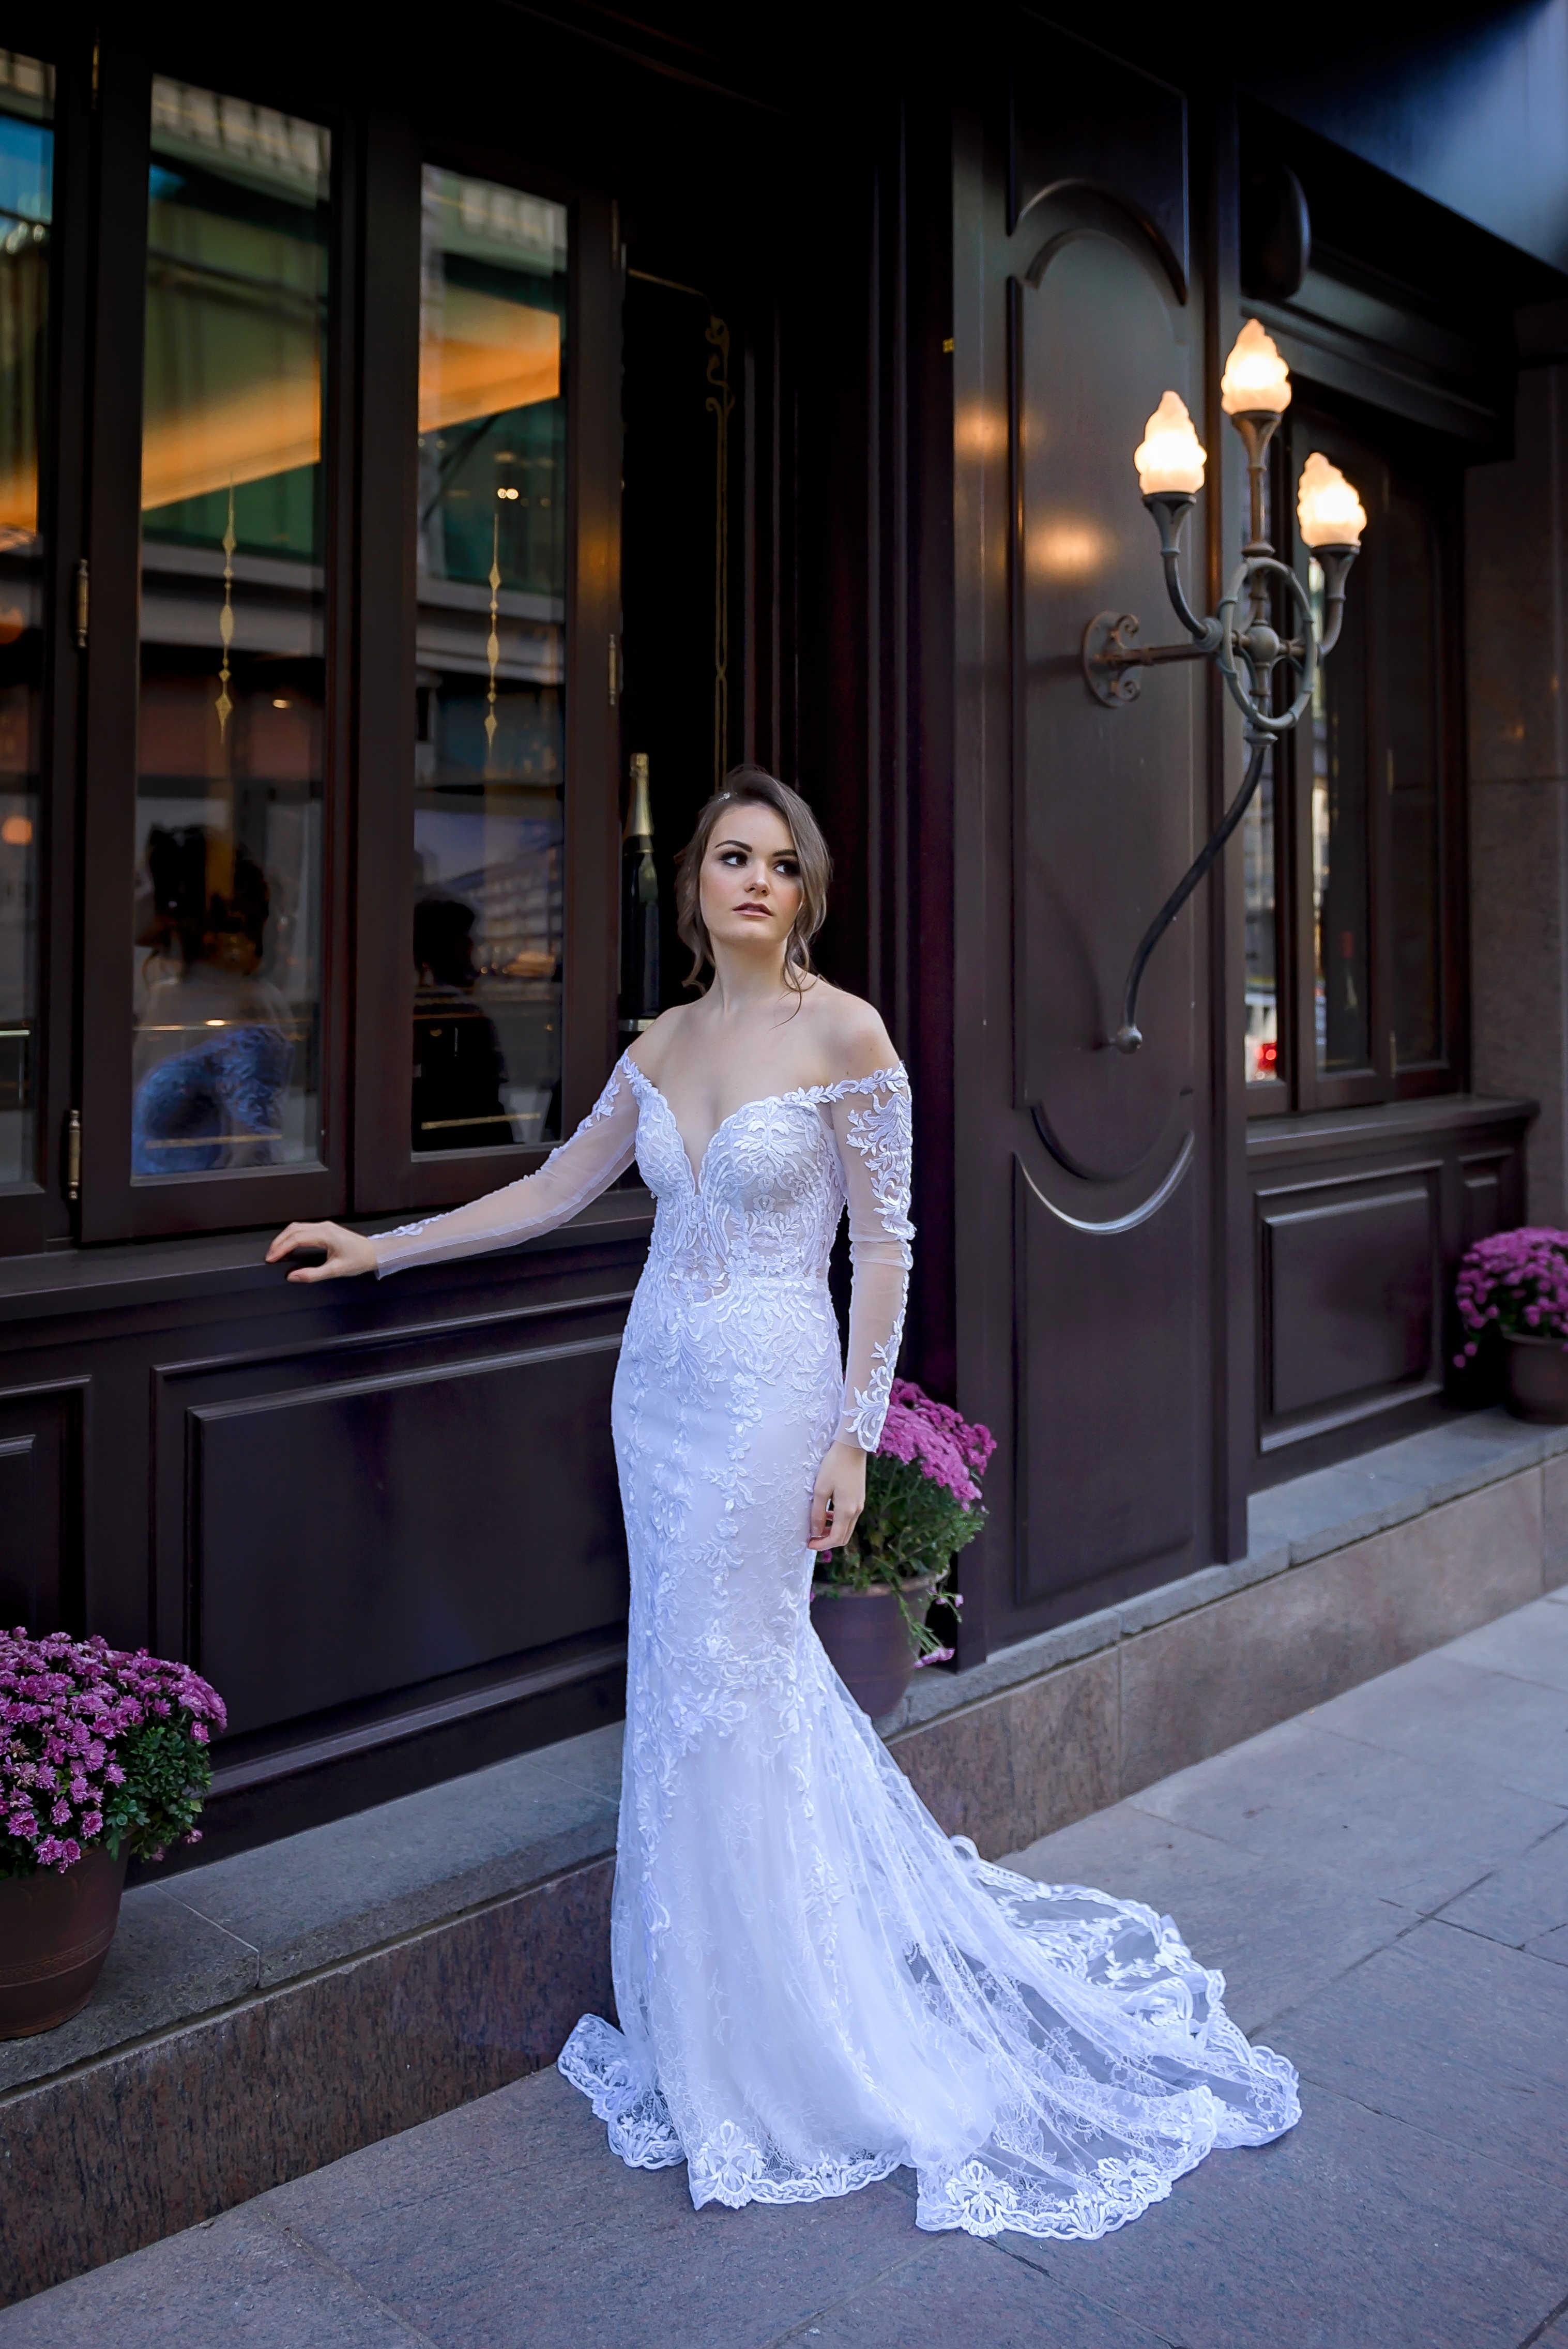 robe de mariee aux epaulles denudees robes sur mesure montreal lilia haute couture